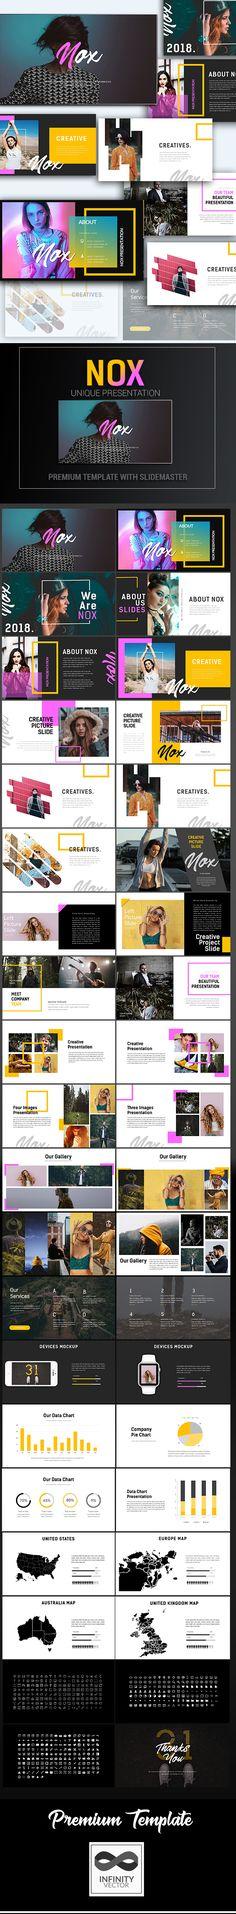 Nox Creative Presentation